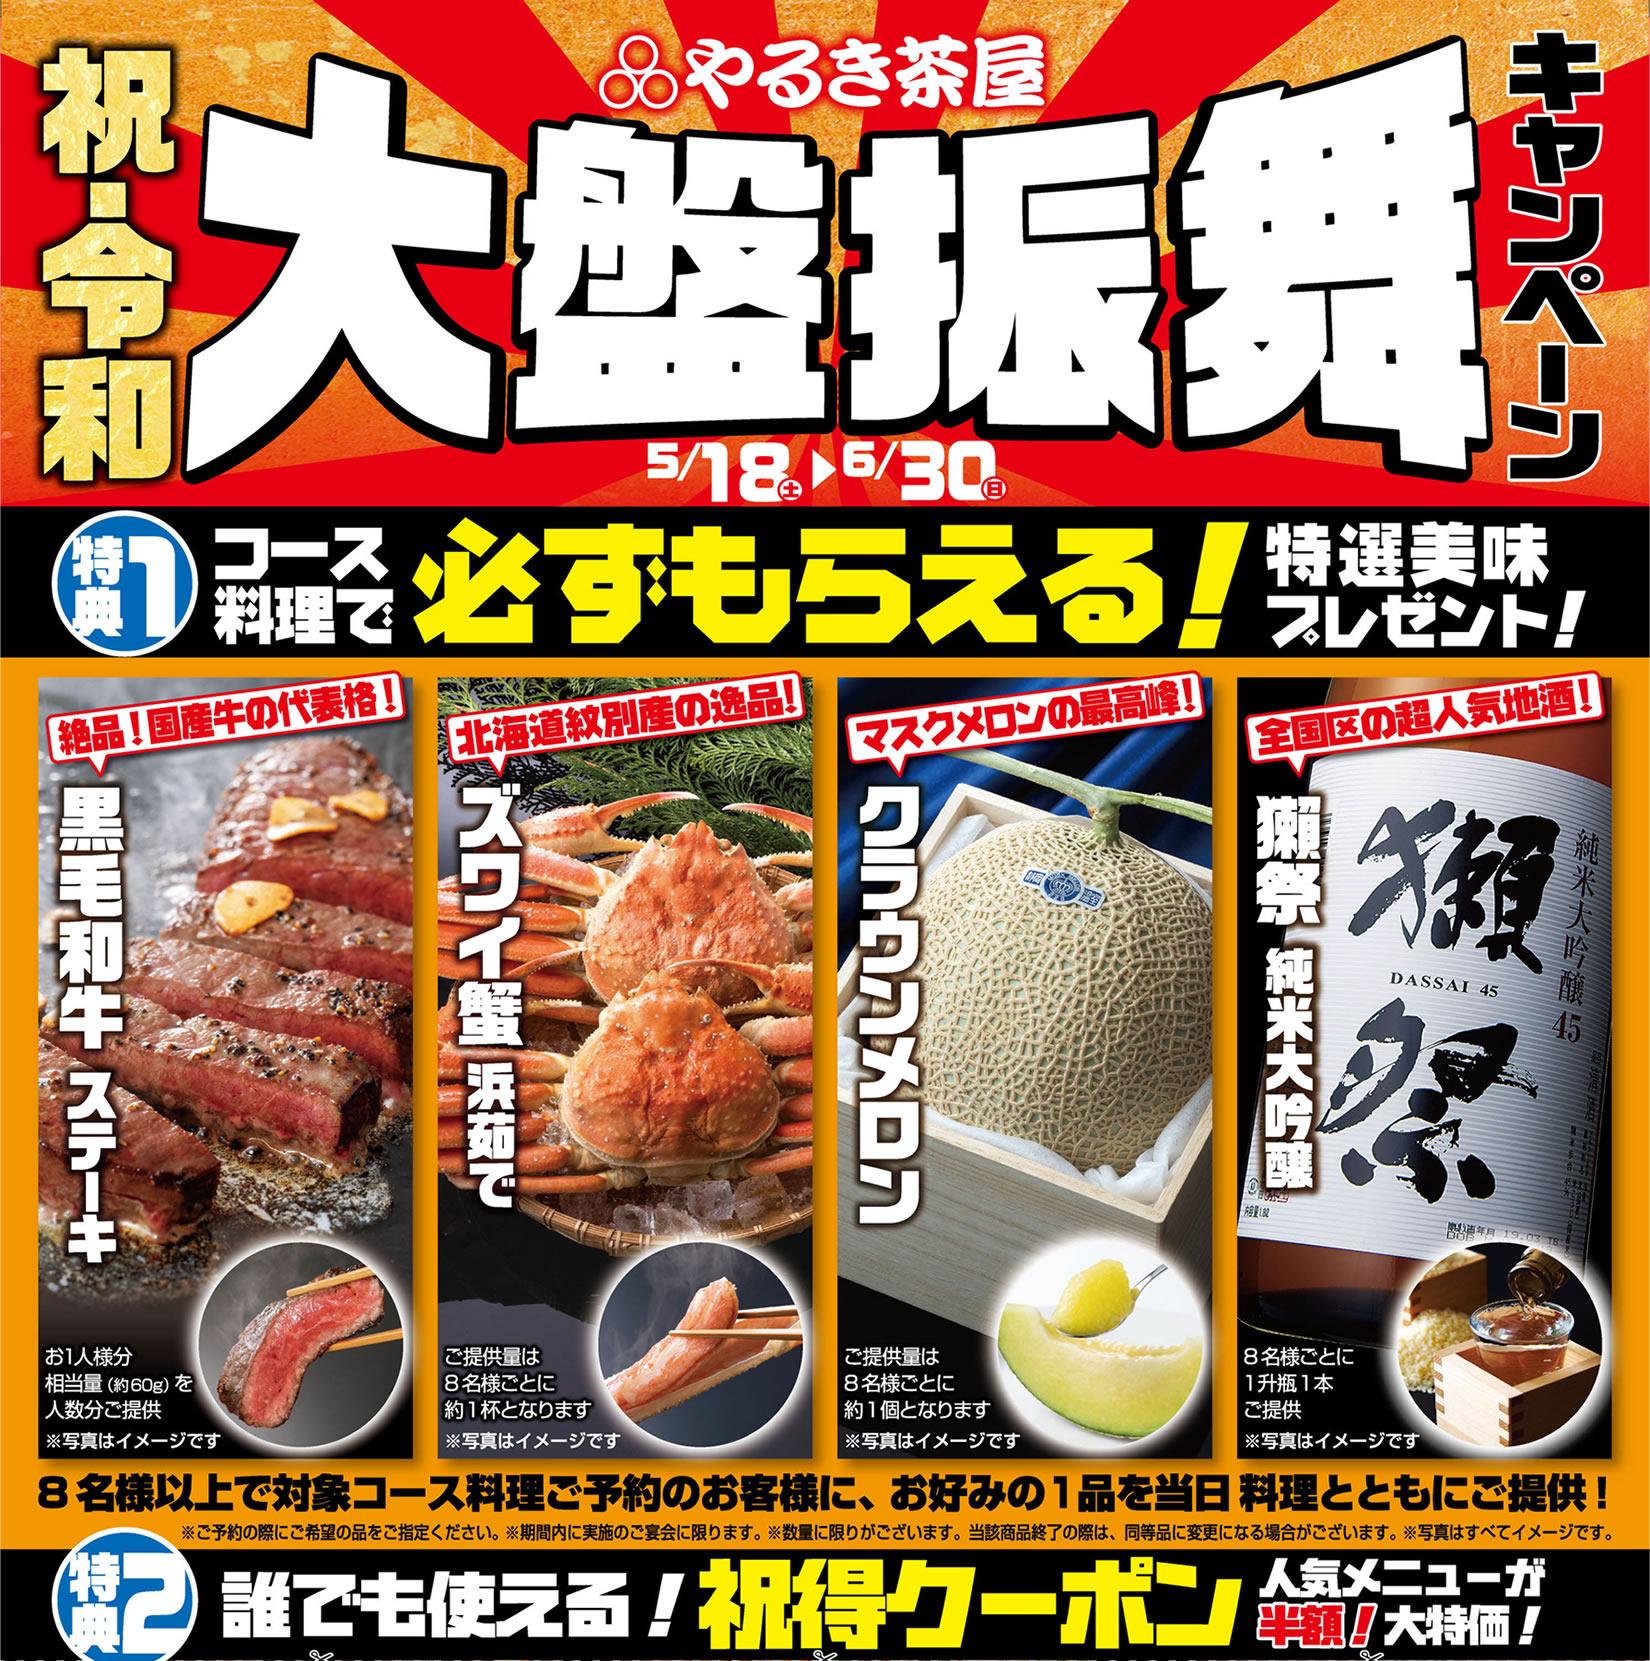 【やるき茶屋】新元号「令和」記念! 大盤振舞キャンペーン!!